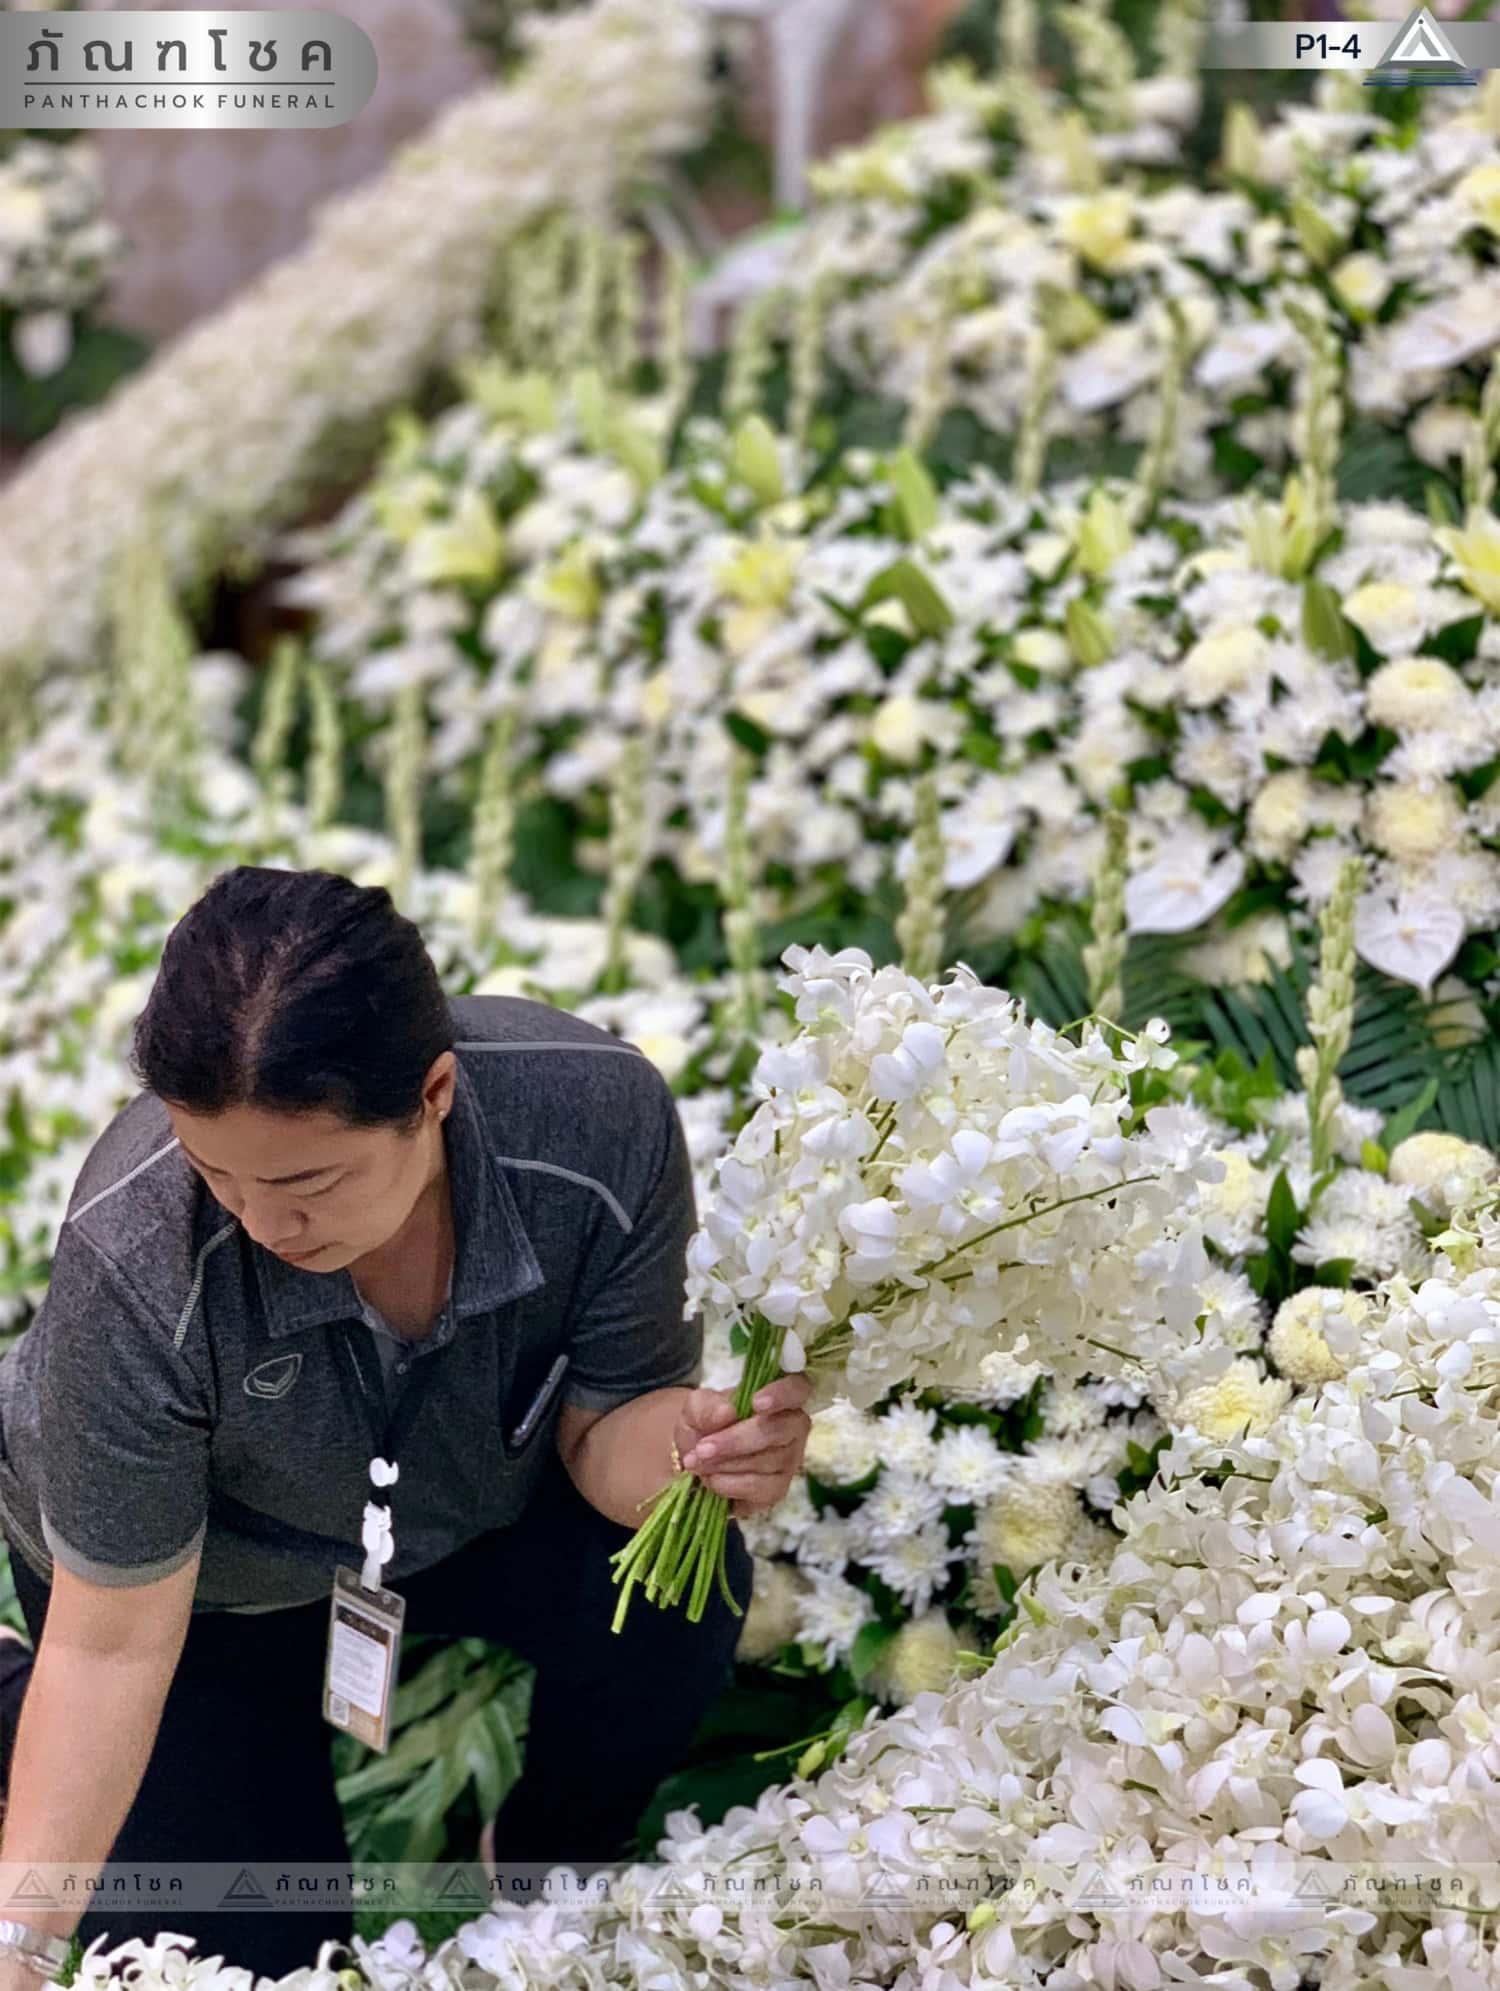 ดอกไม้หน้าศพ ชุด P1-4 82